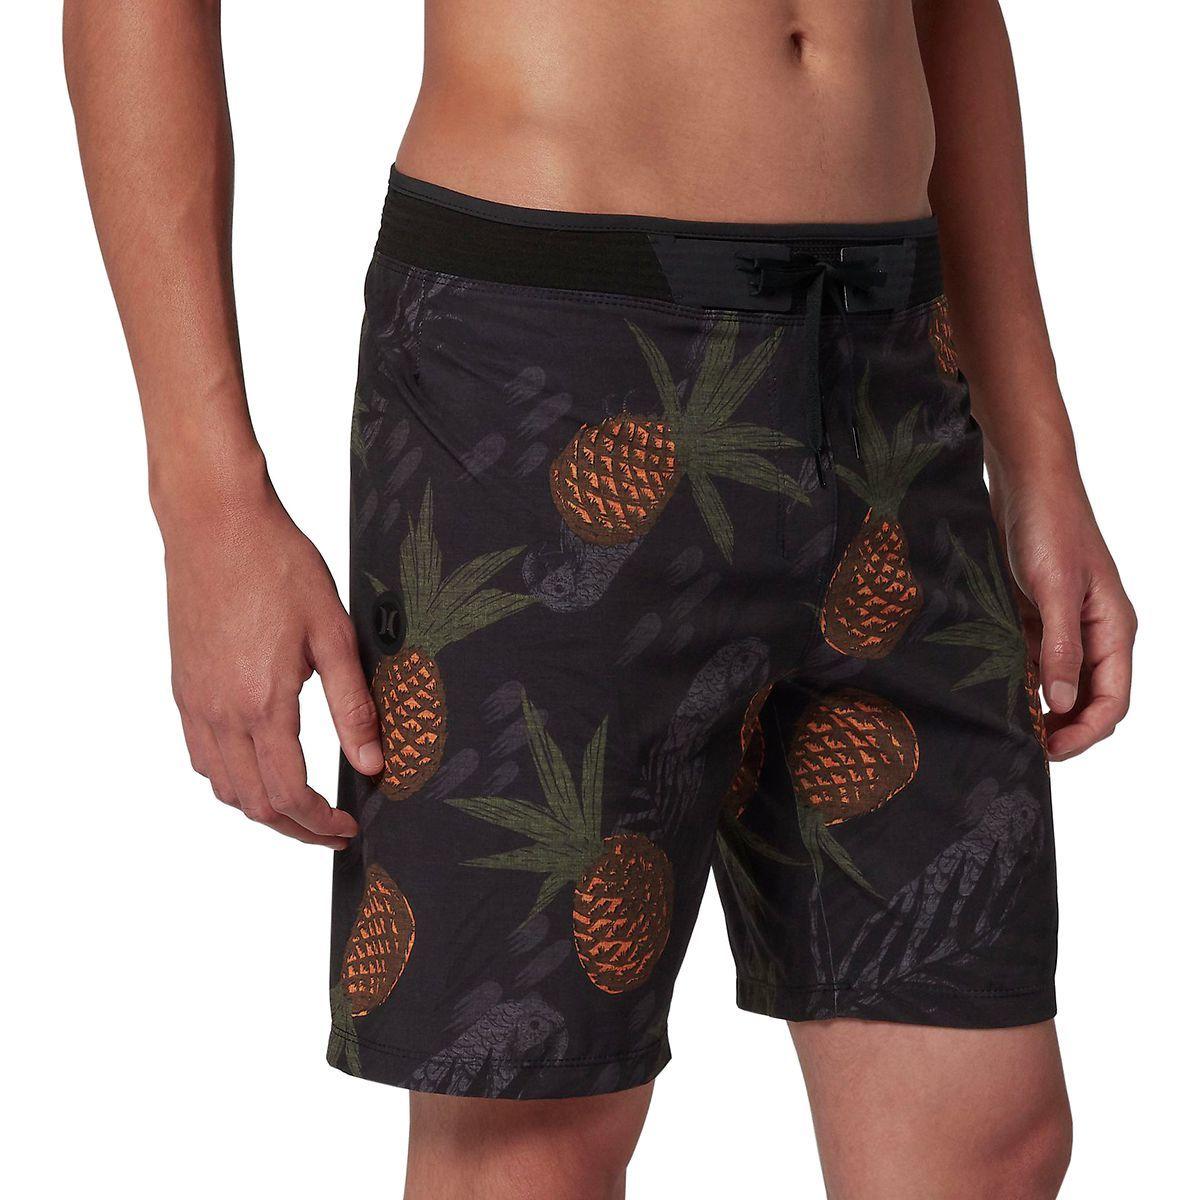 Hurley Phantom Hyperweave 3.0 Pineapple 18in Boardshort - Men's